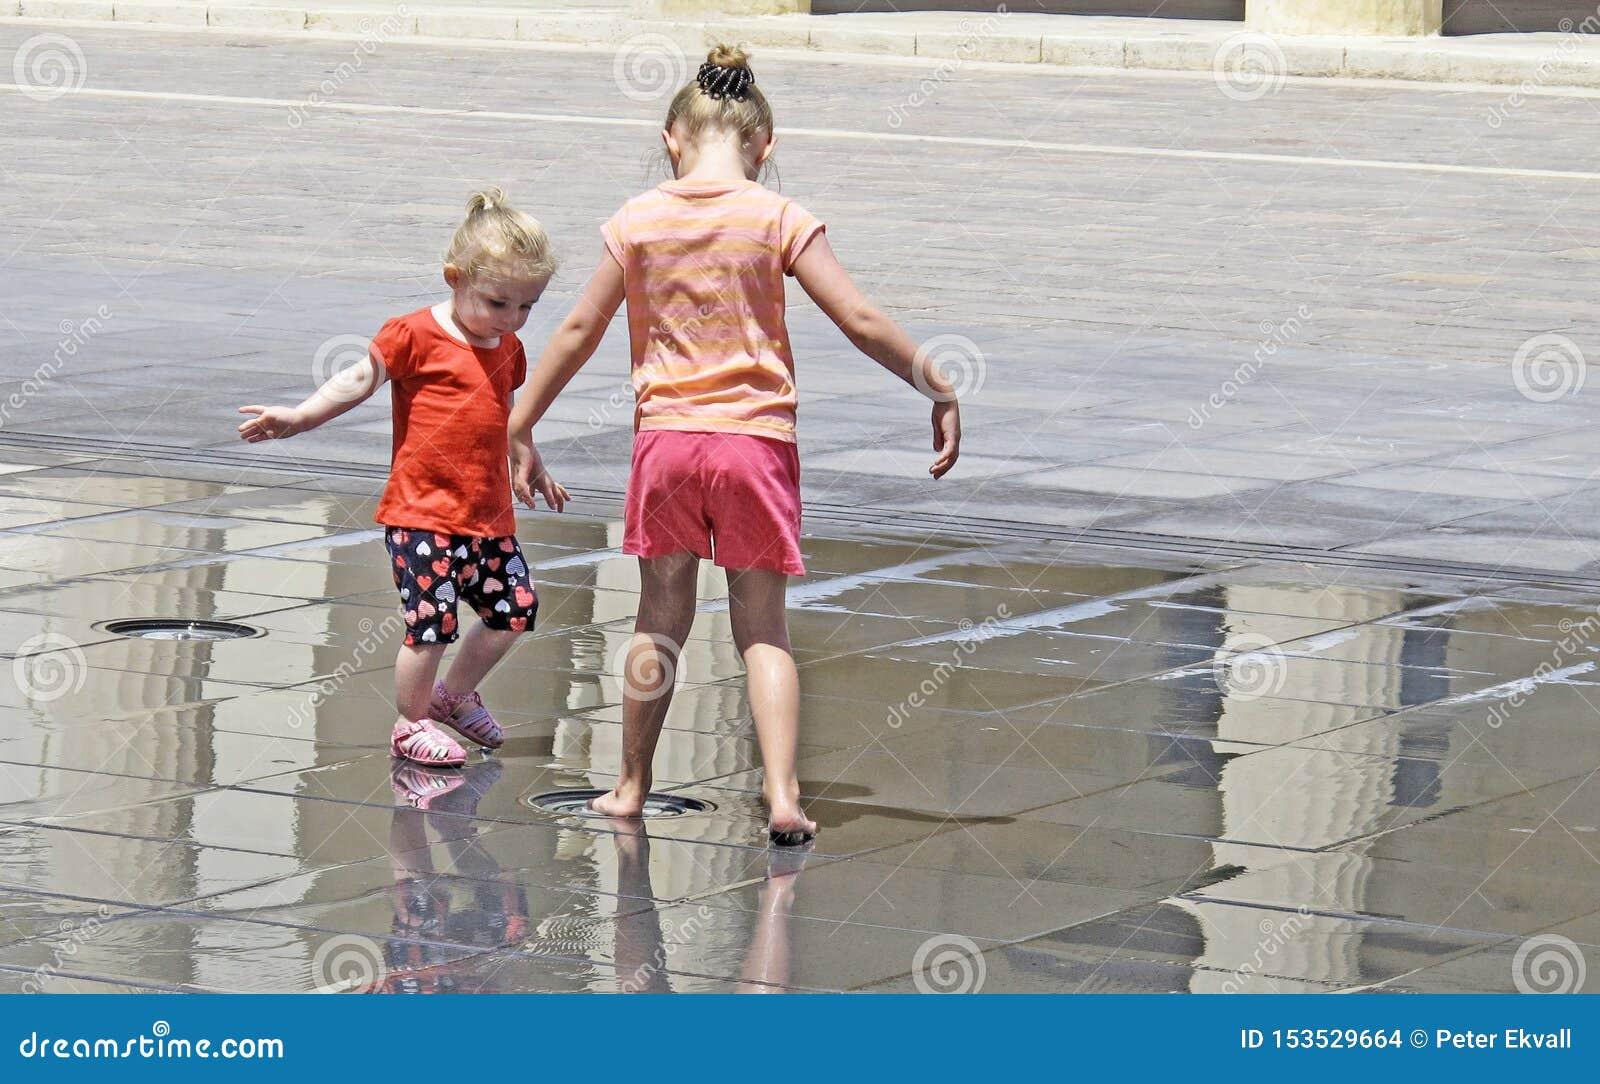 Είναι πολύ καυτό και δύο παιδιά που παίζουν στην πηγή στο τετράγωνο